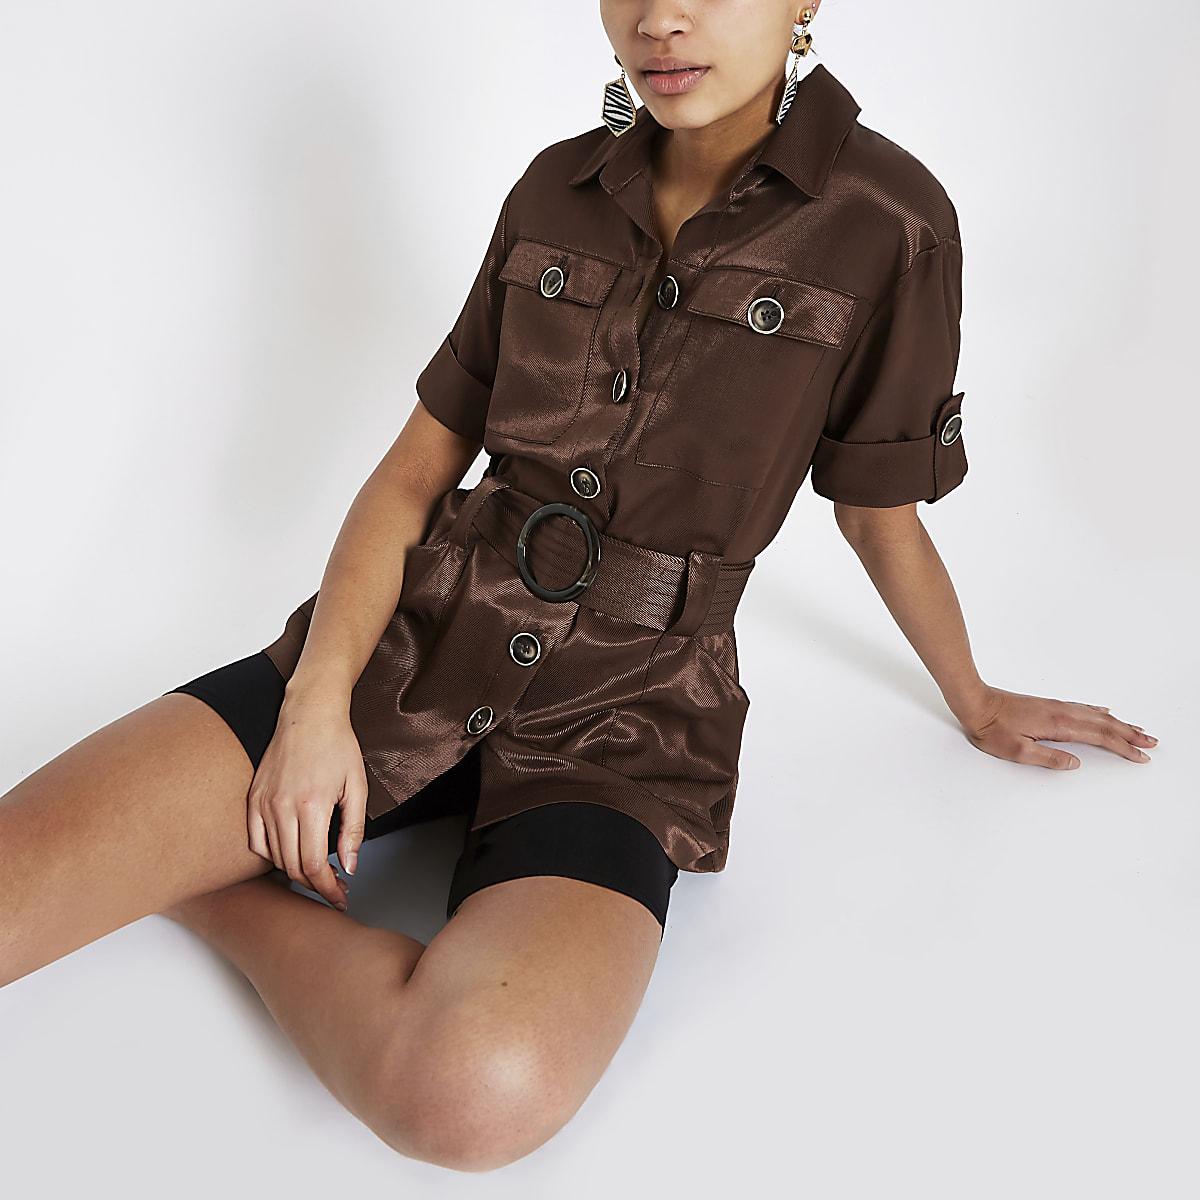 Chemise utilitaire marron à taille ceinturée